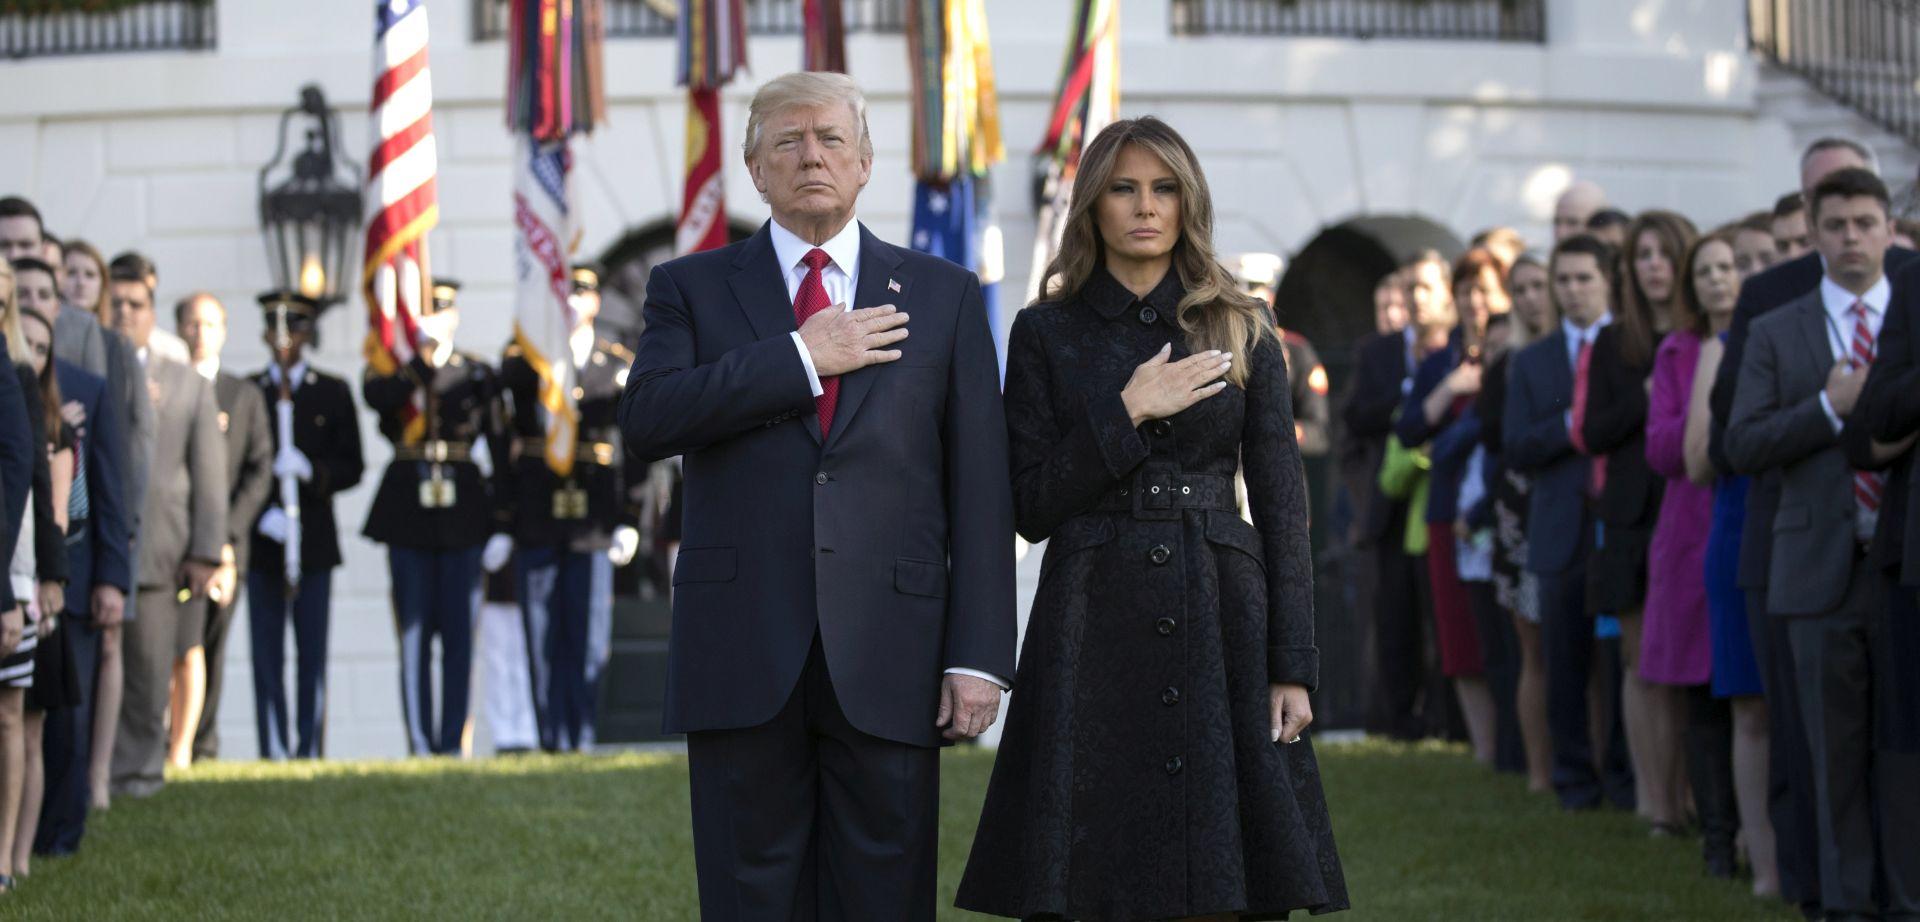 Trump će u govoru pred UN-om kritizirati neprijatelje i ohrabriti prijatelje